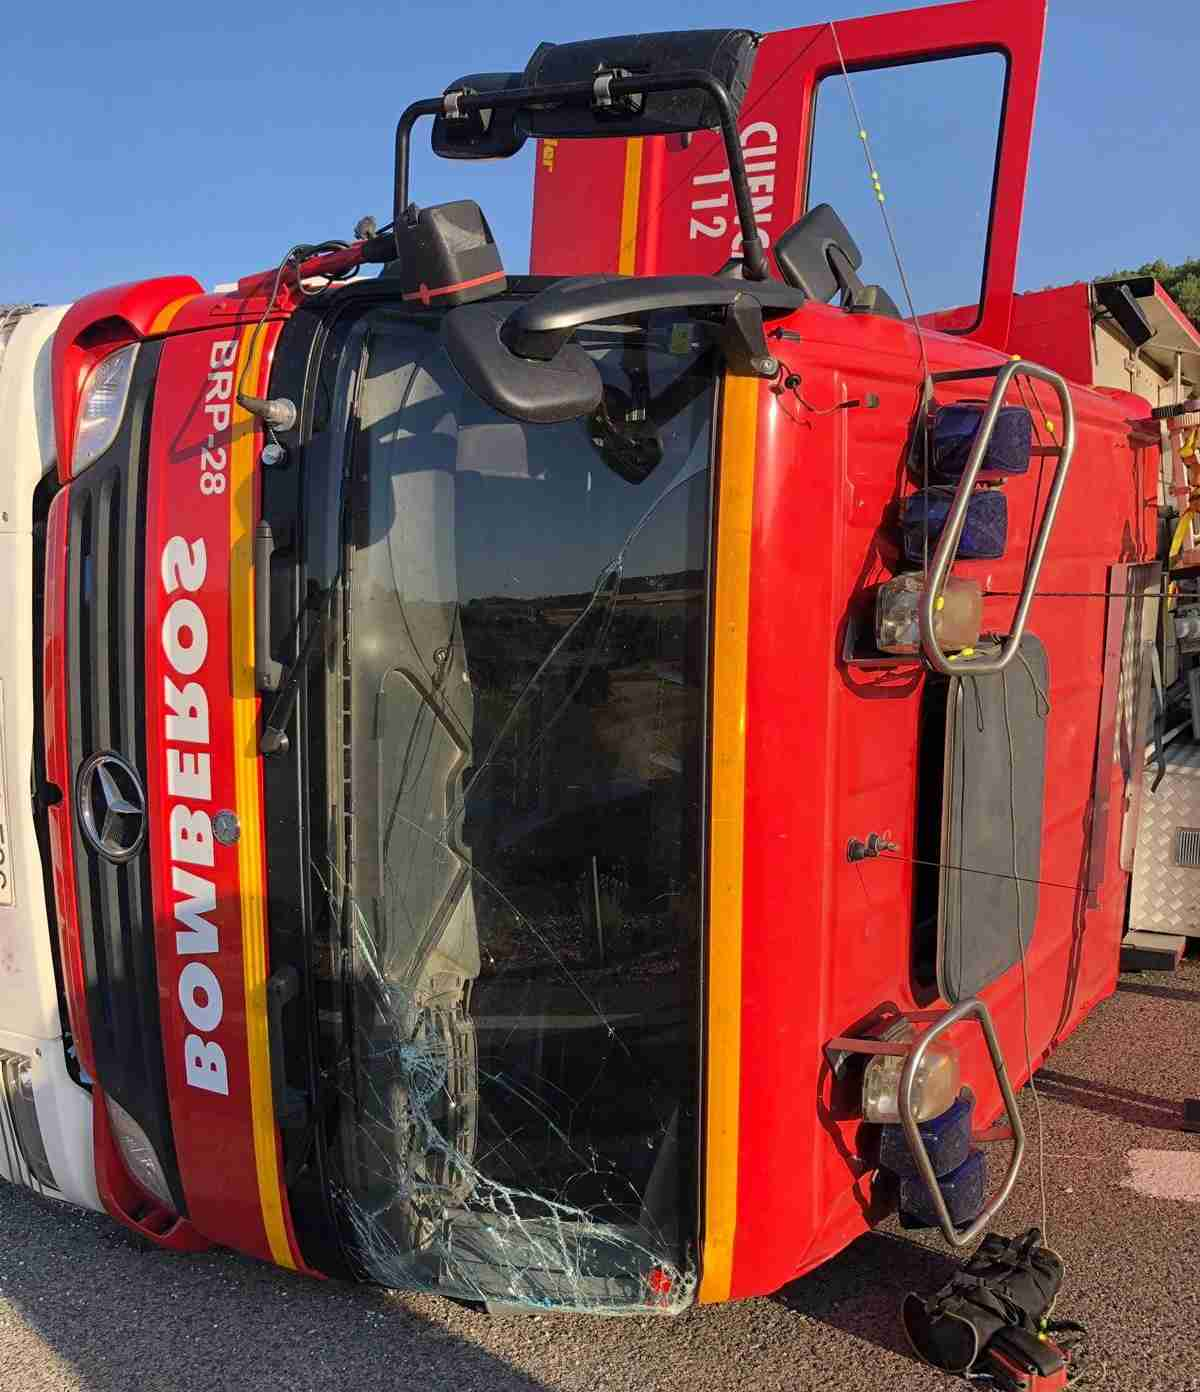 El CCOO-FSC de Cuenca ha expresado su apoyo y ánimo a los cuatro bomberos del SPPEI accidentados el pasado domingo 1